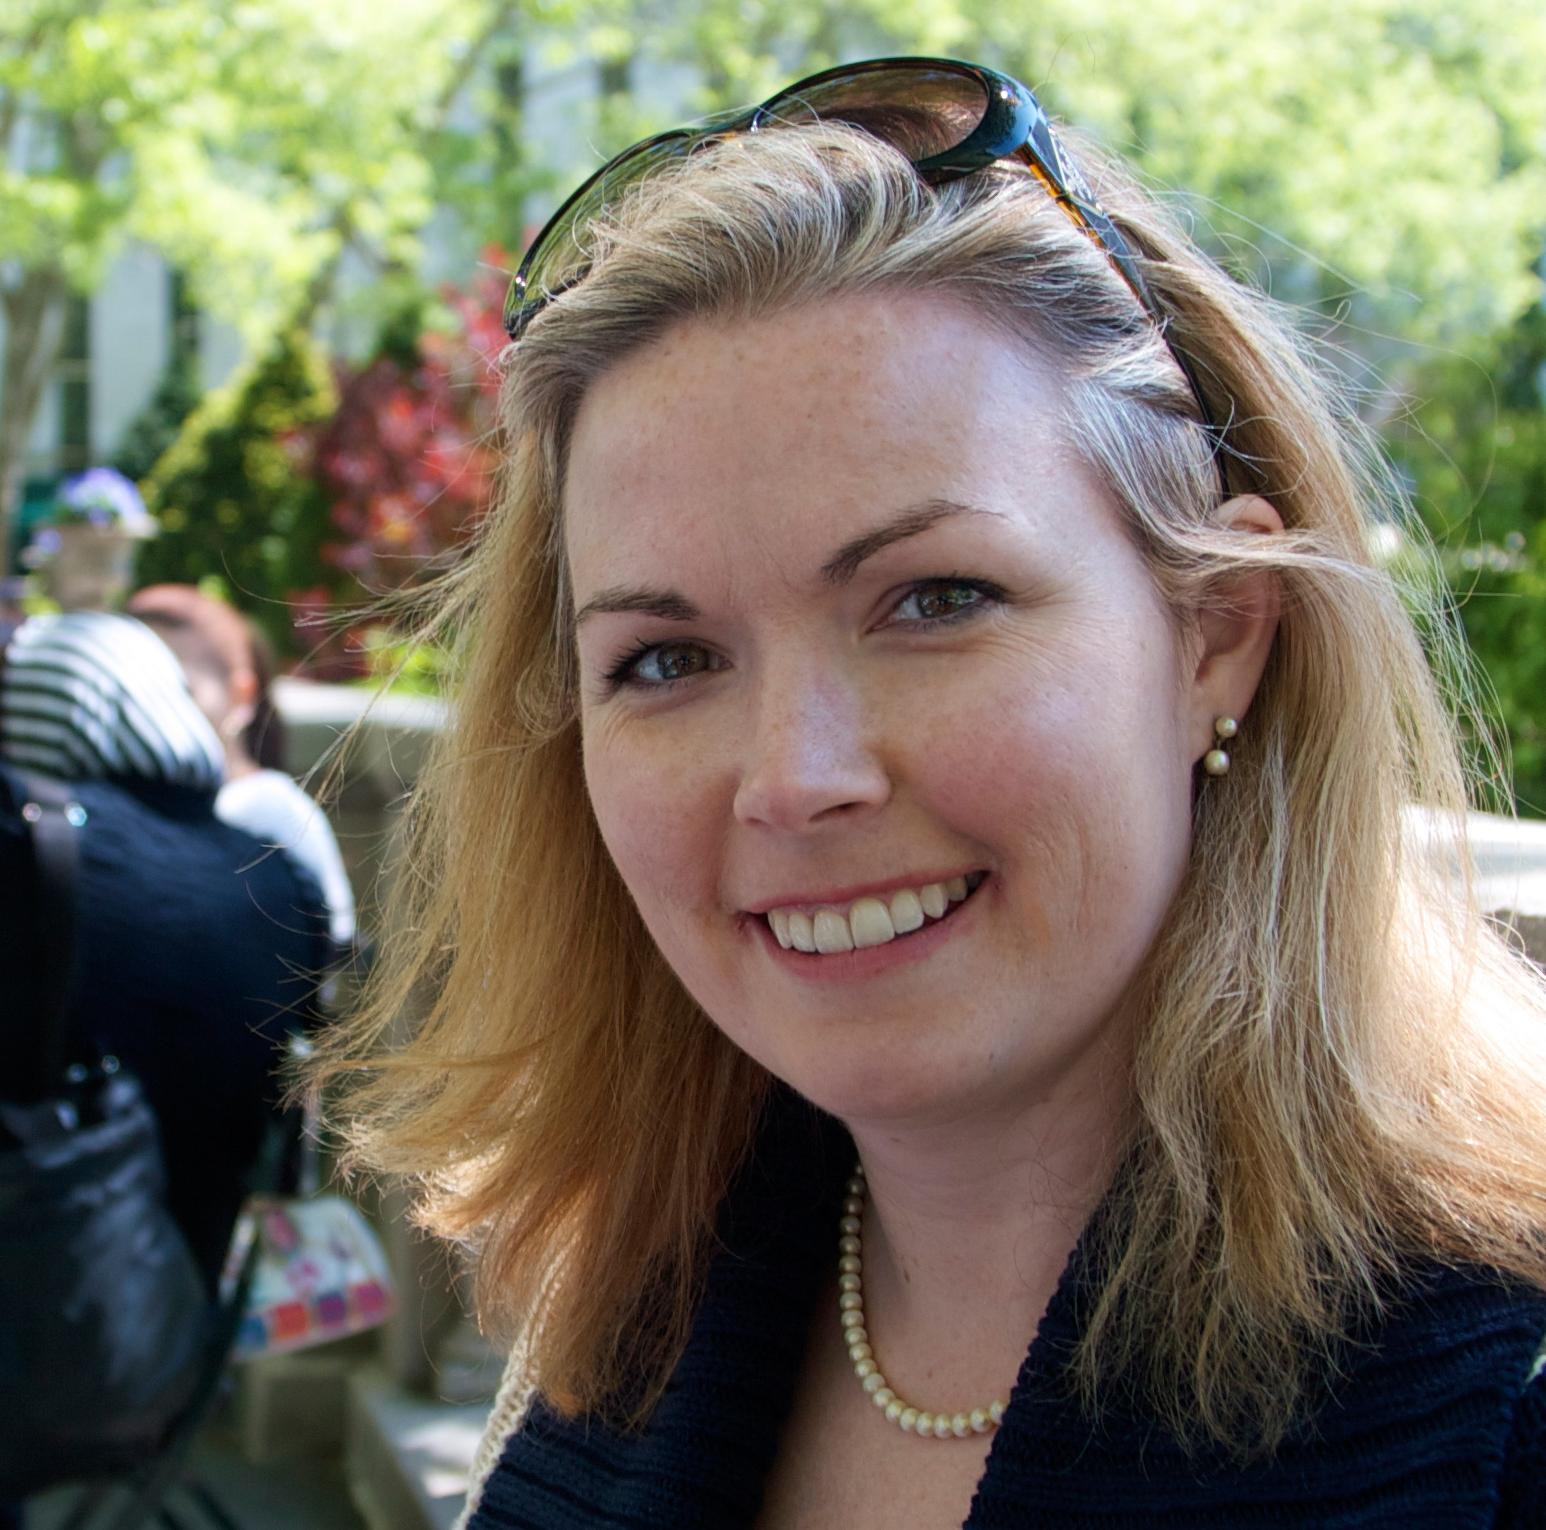 Zoe Peden